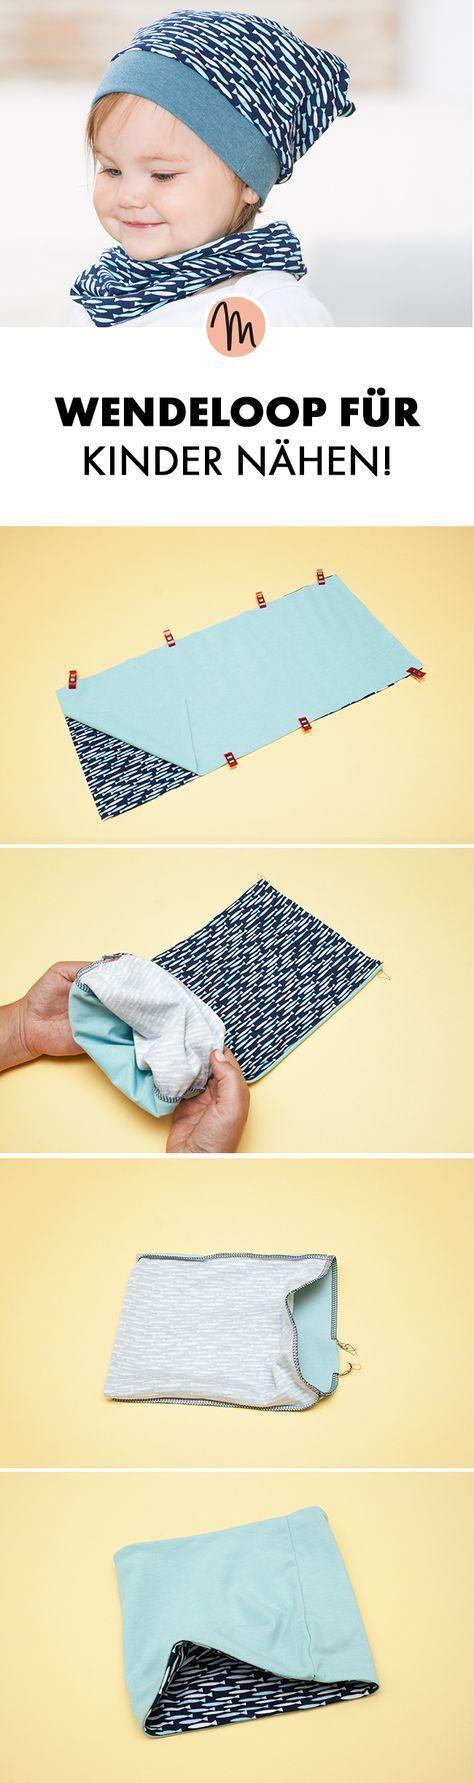 Wendeloop für Kinder nähen - kostenlose Nähanleitung via Makerist.de #clothpatterns